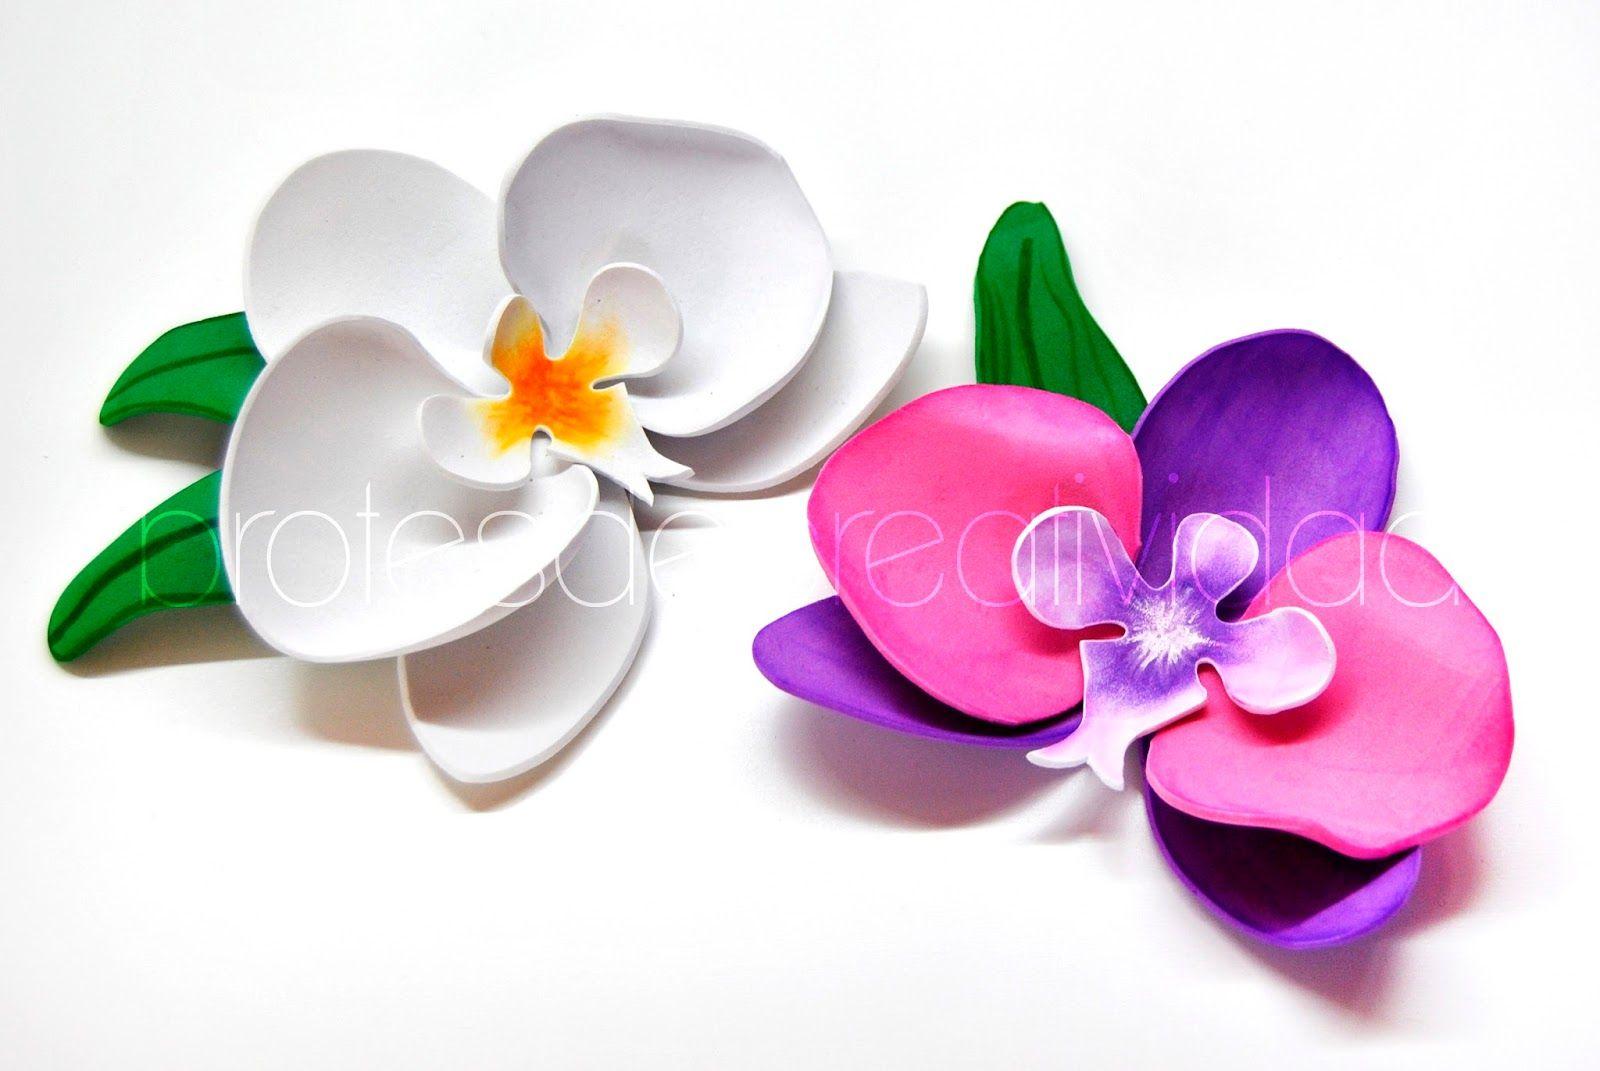 Tutoriales Para Hacer Flores Como Hacer Orquideas De Goma Eva - Fotos-de-goma-eva